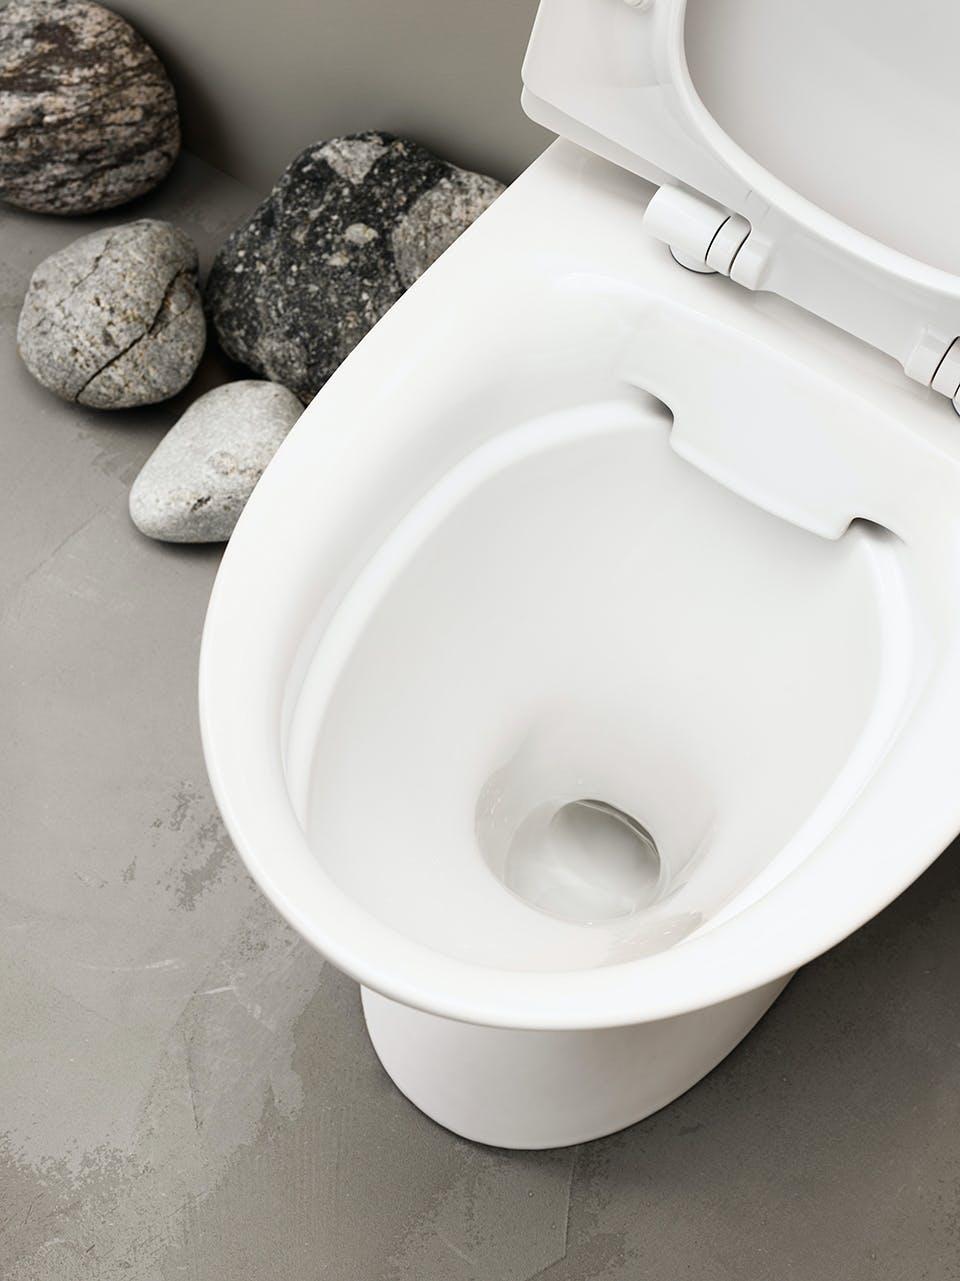 Rengøringsvenligt toilet uden skyllekant i rimfree design fra skandinaviske Ifö